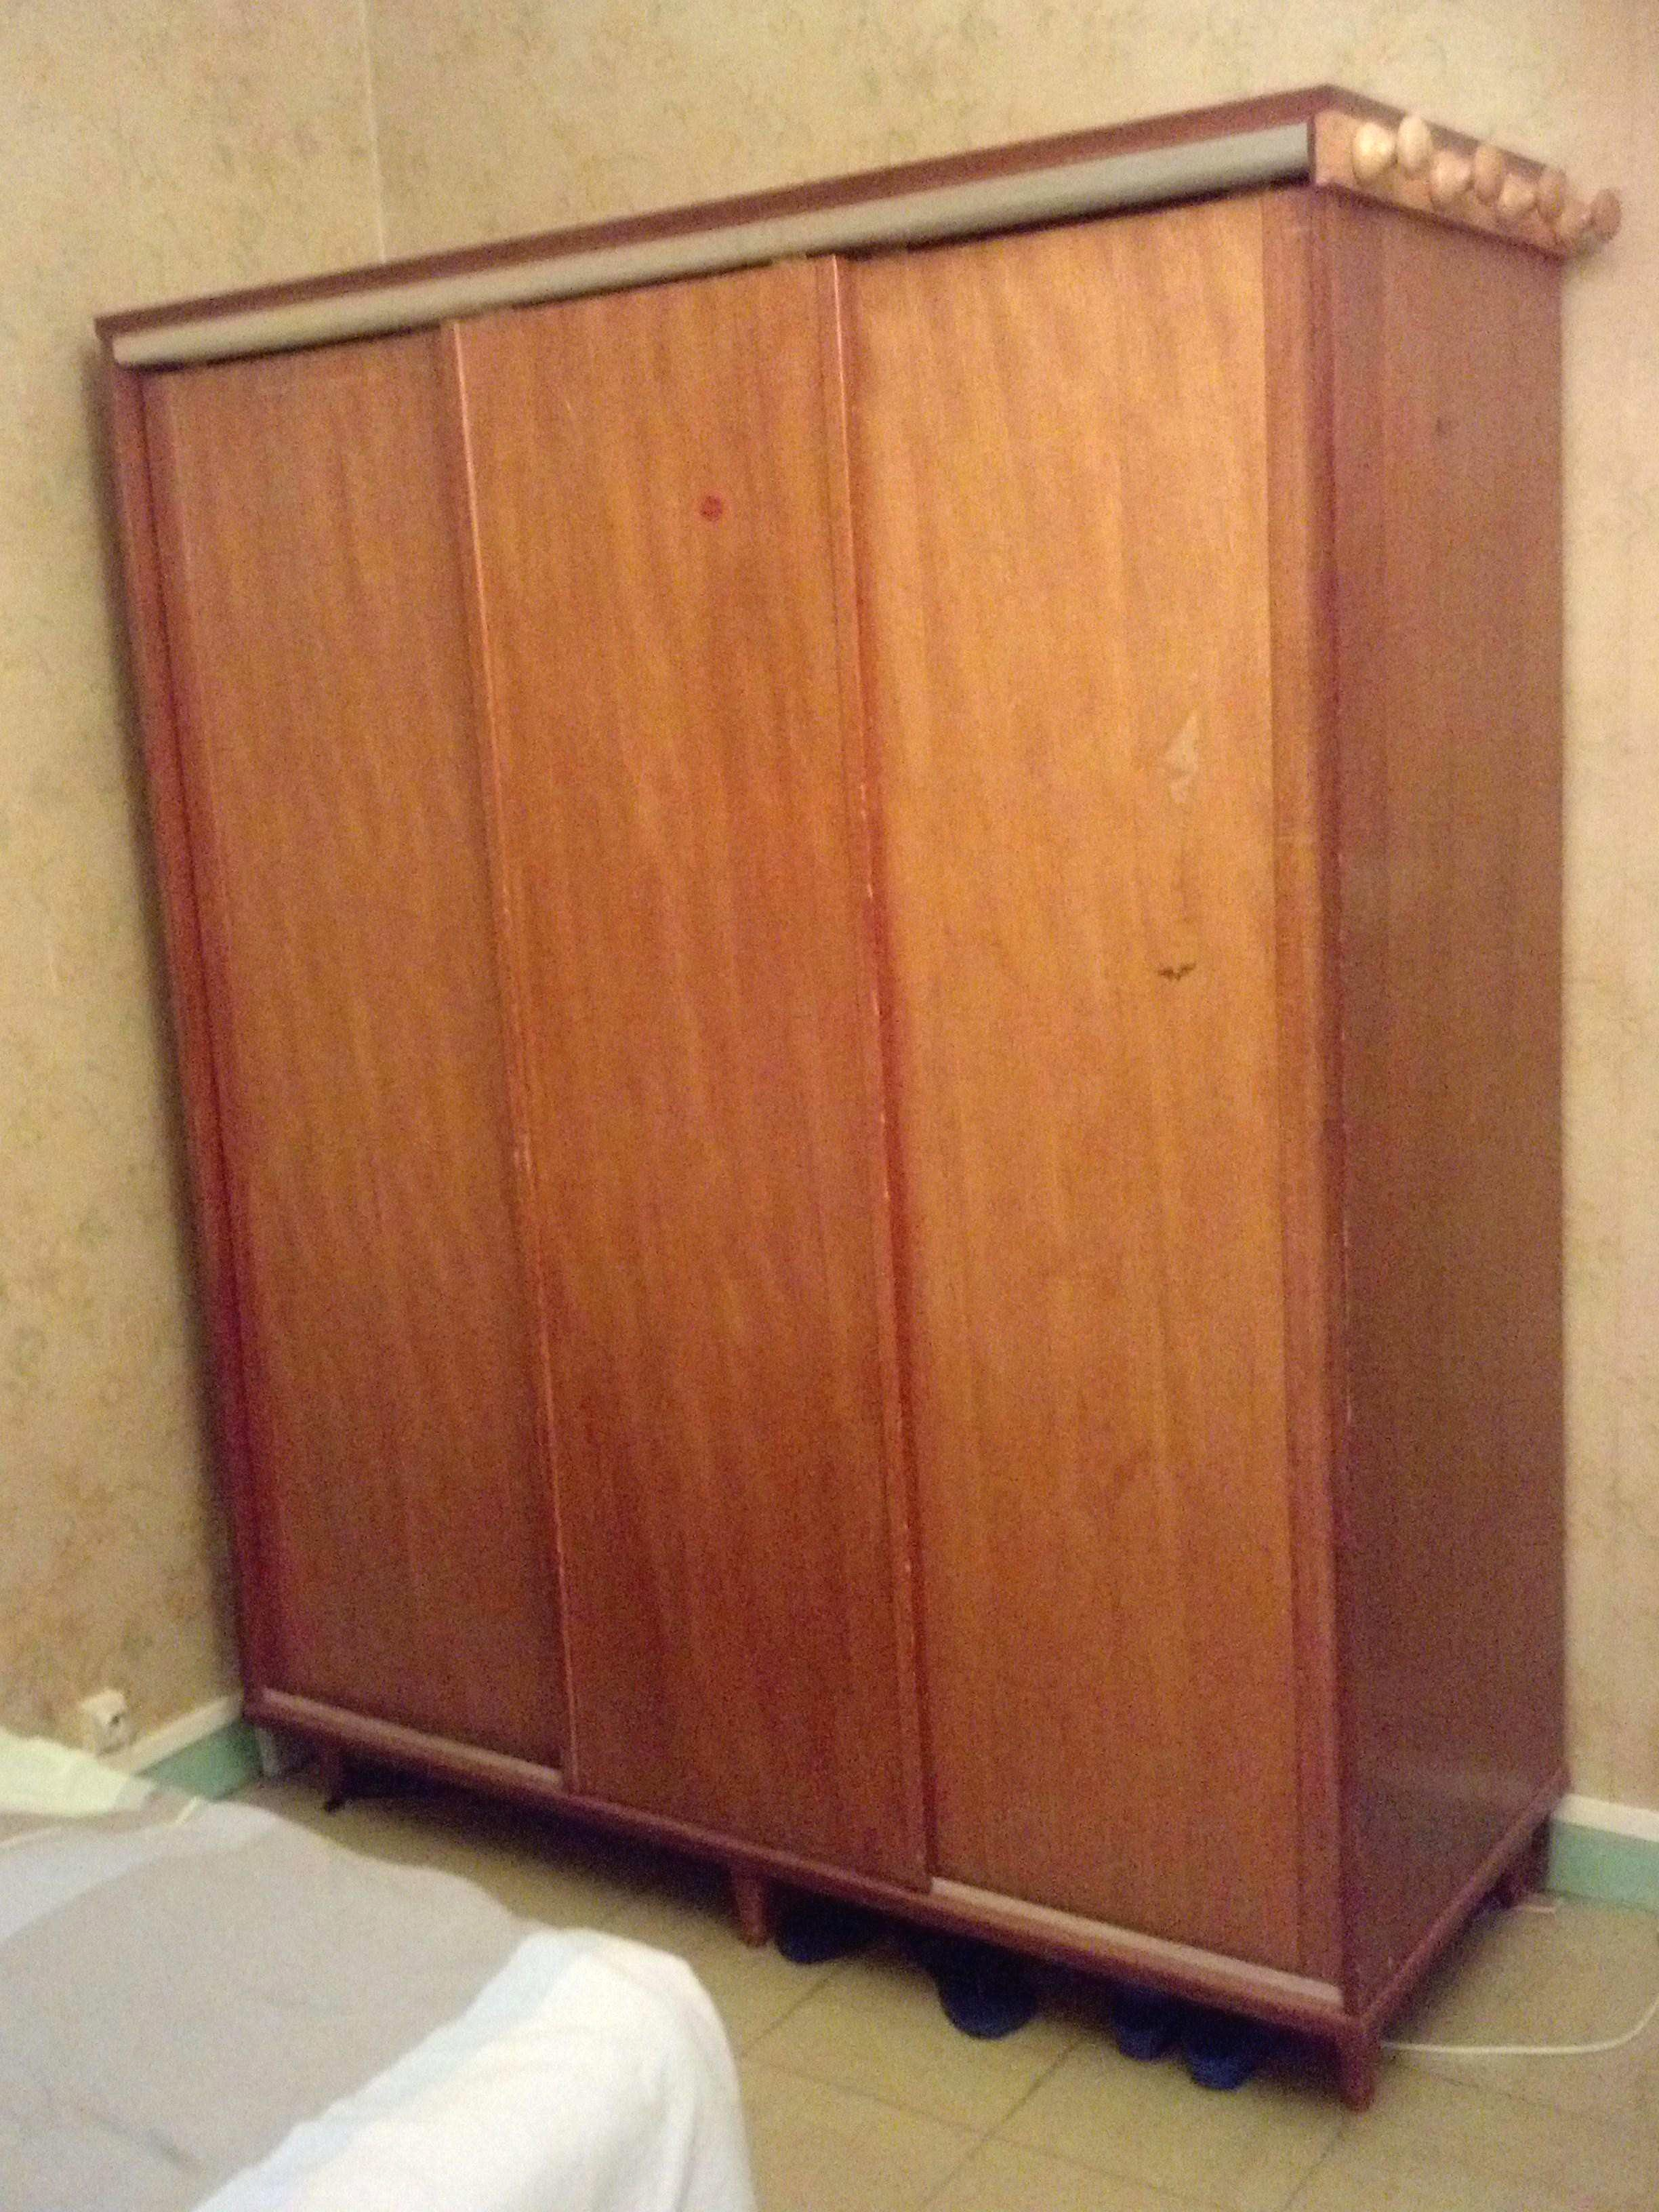 lit superpos le bon coin agr able le bon coin 31. Black Bedroom Furniture Sets. Home Design Ideas